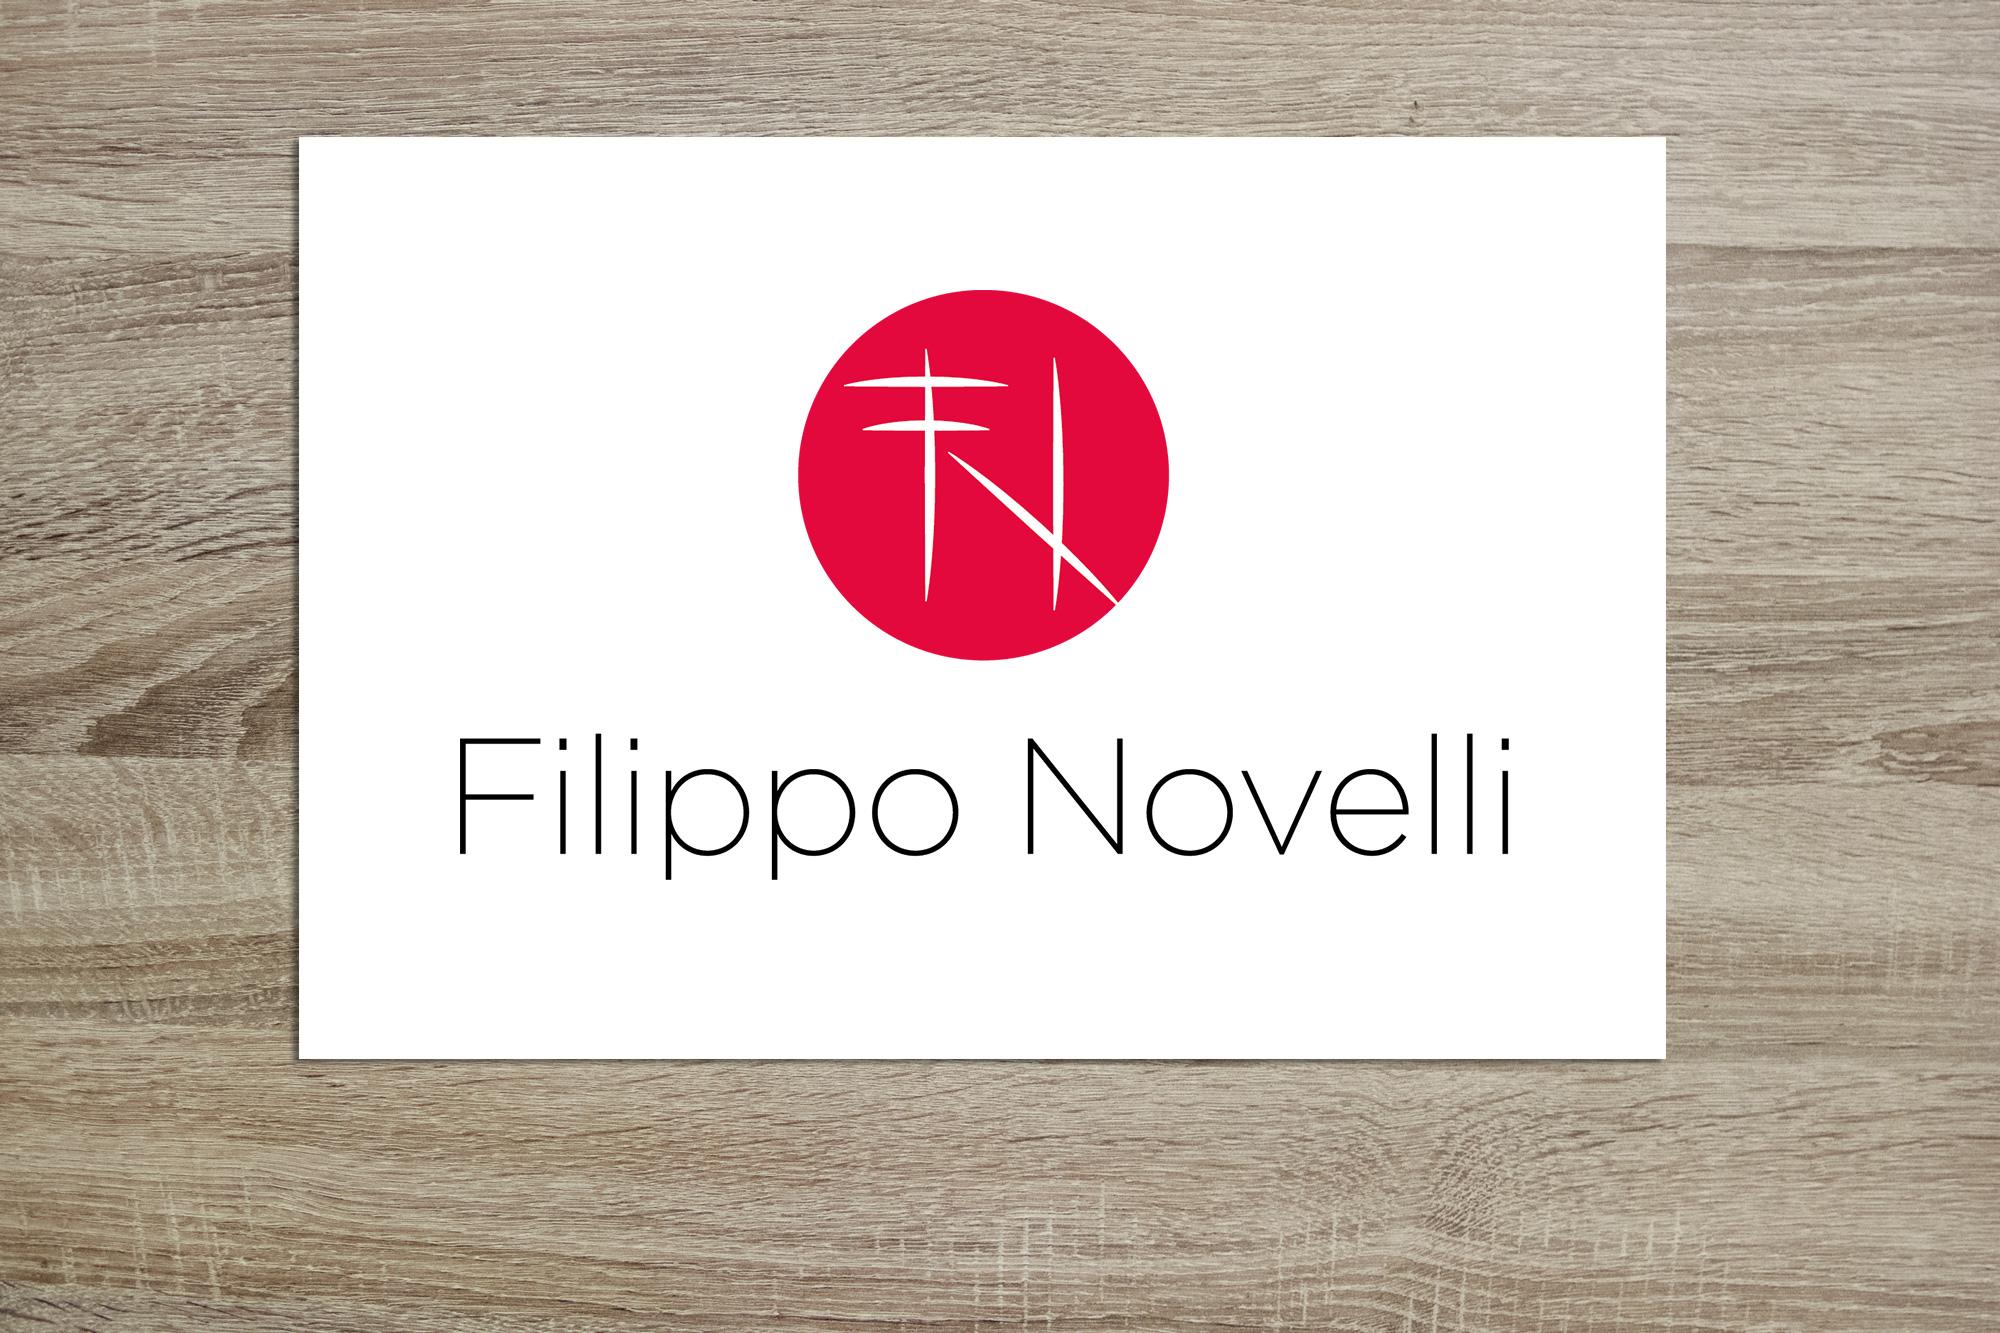 Filippo Novelli